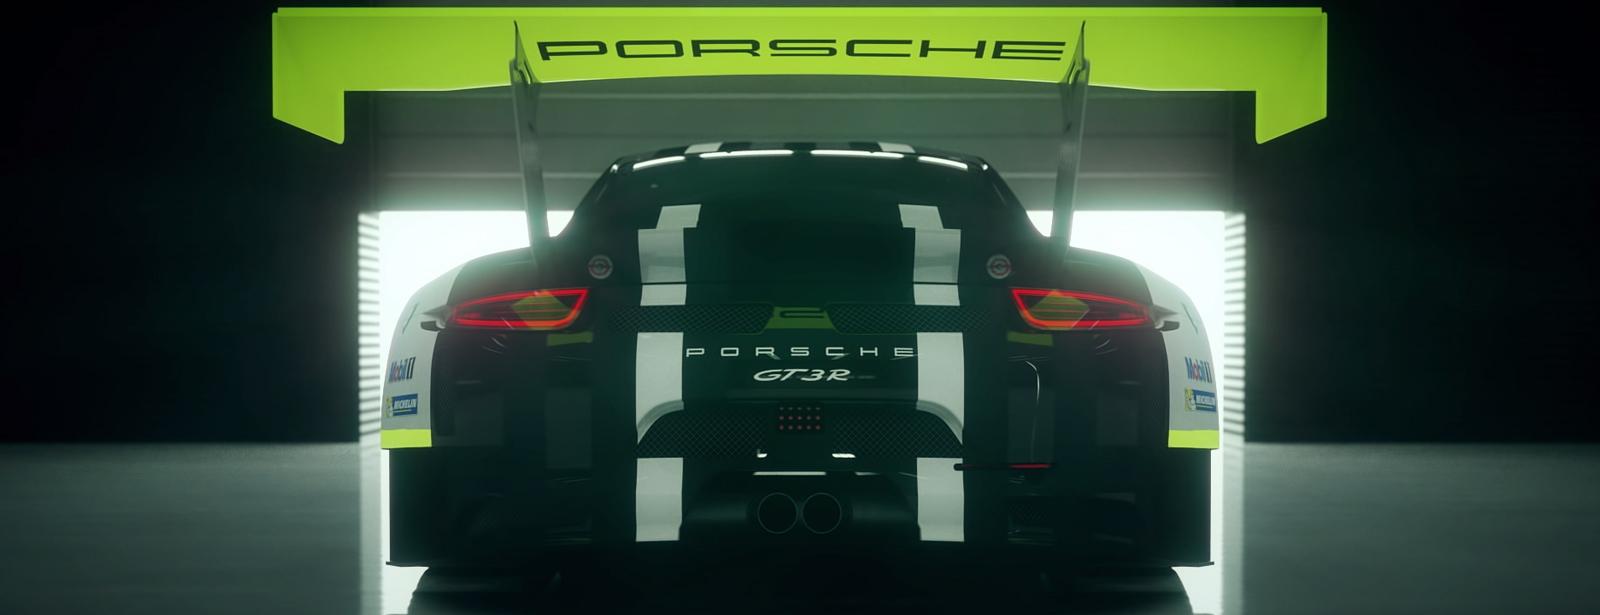 Porsche bei den 24h am Nürburgring